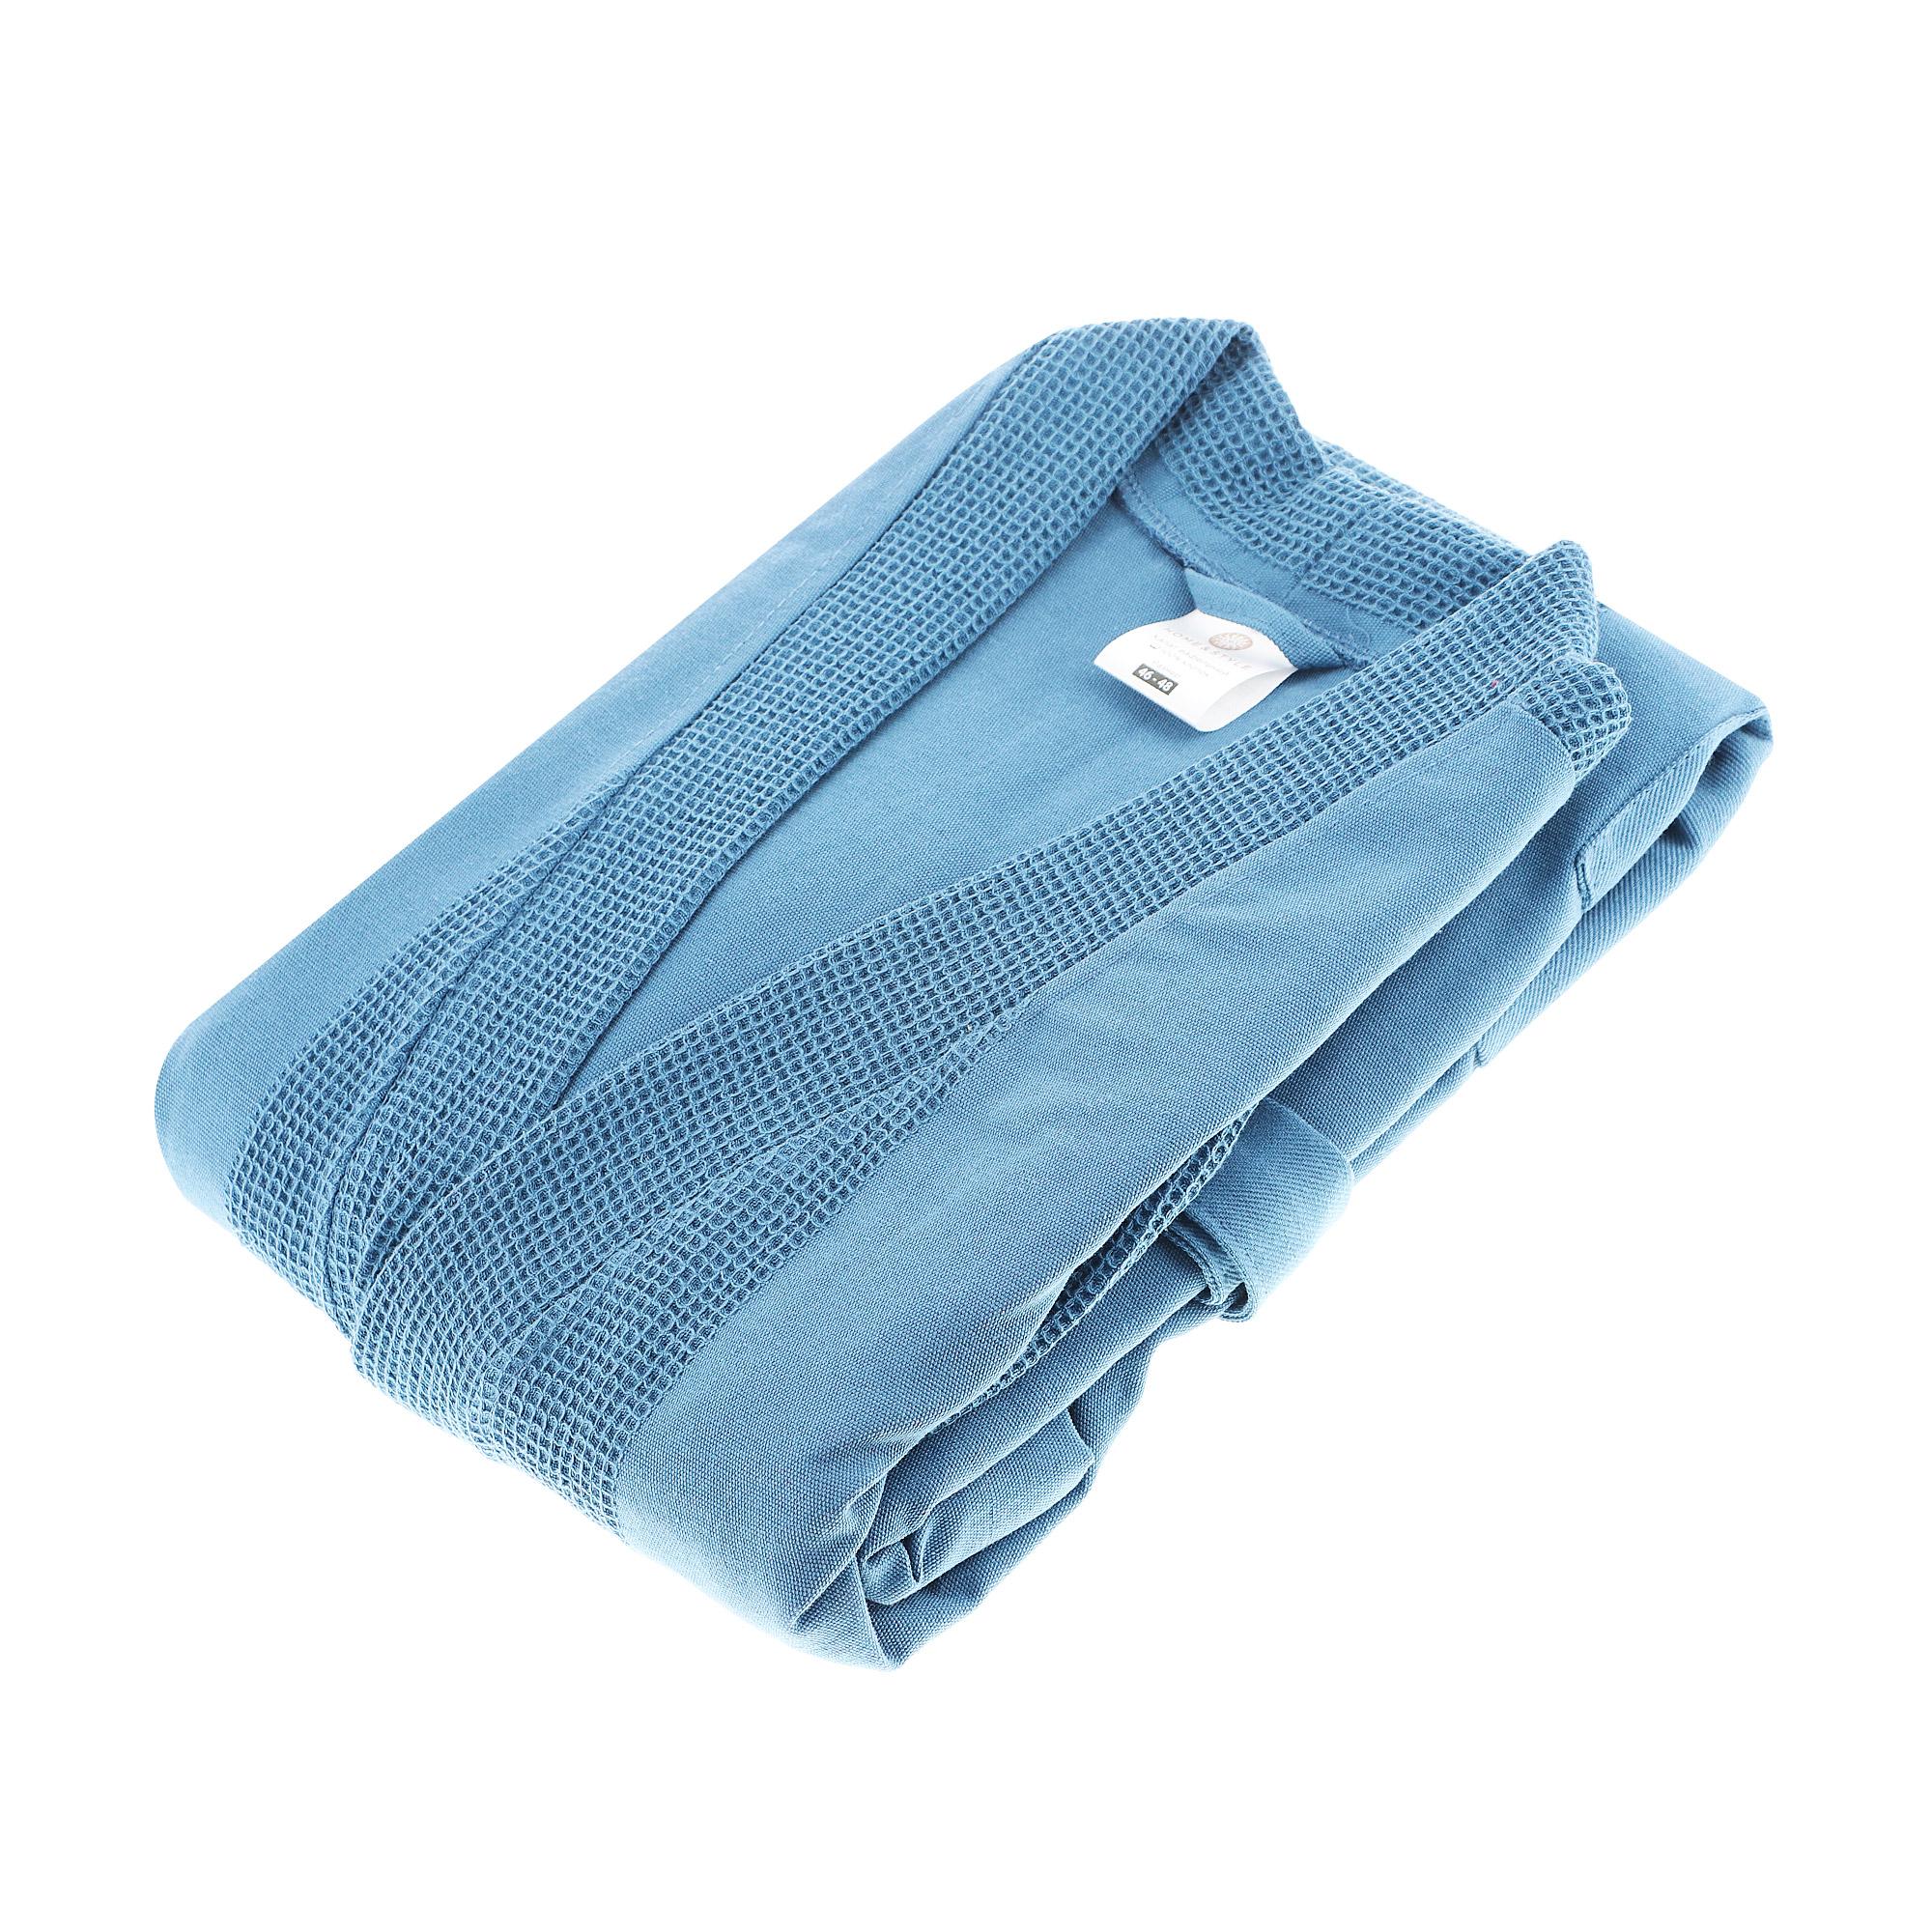 Халат Home style синий вафельный 52-54